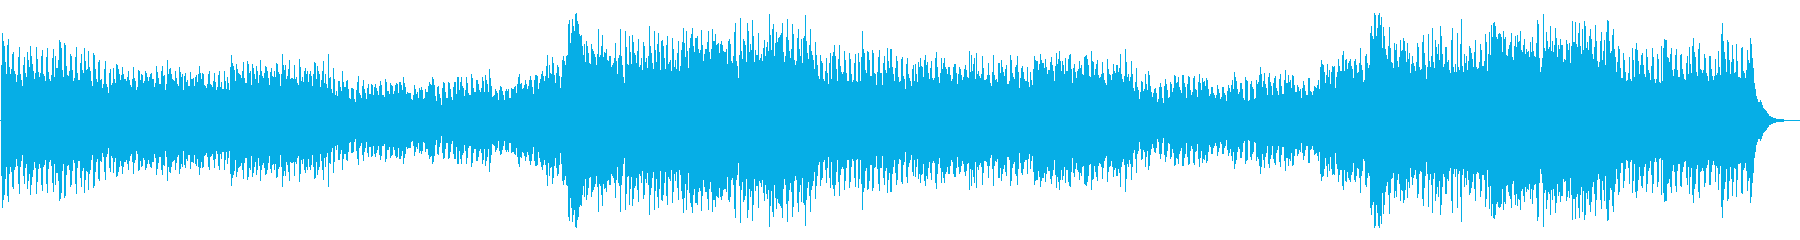 疾走感のあるオーケストラバトル曲の再生済みの波形